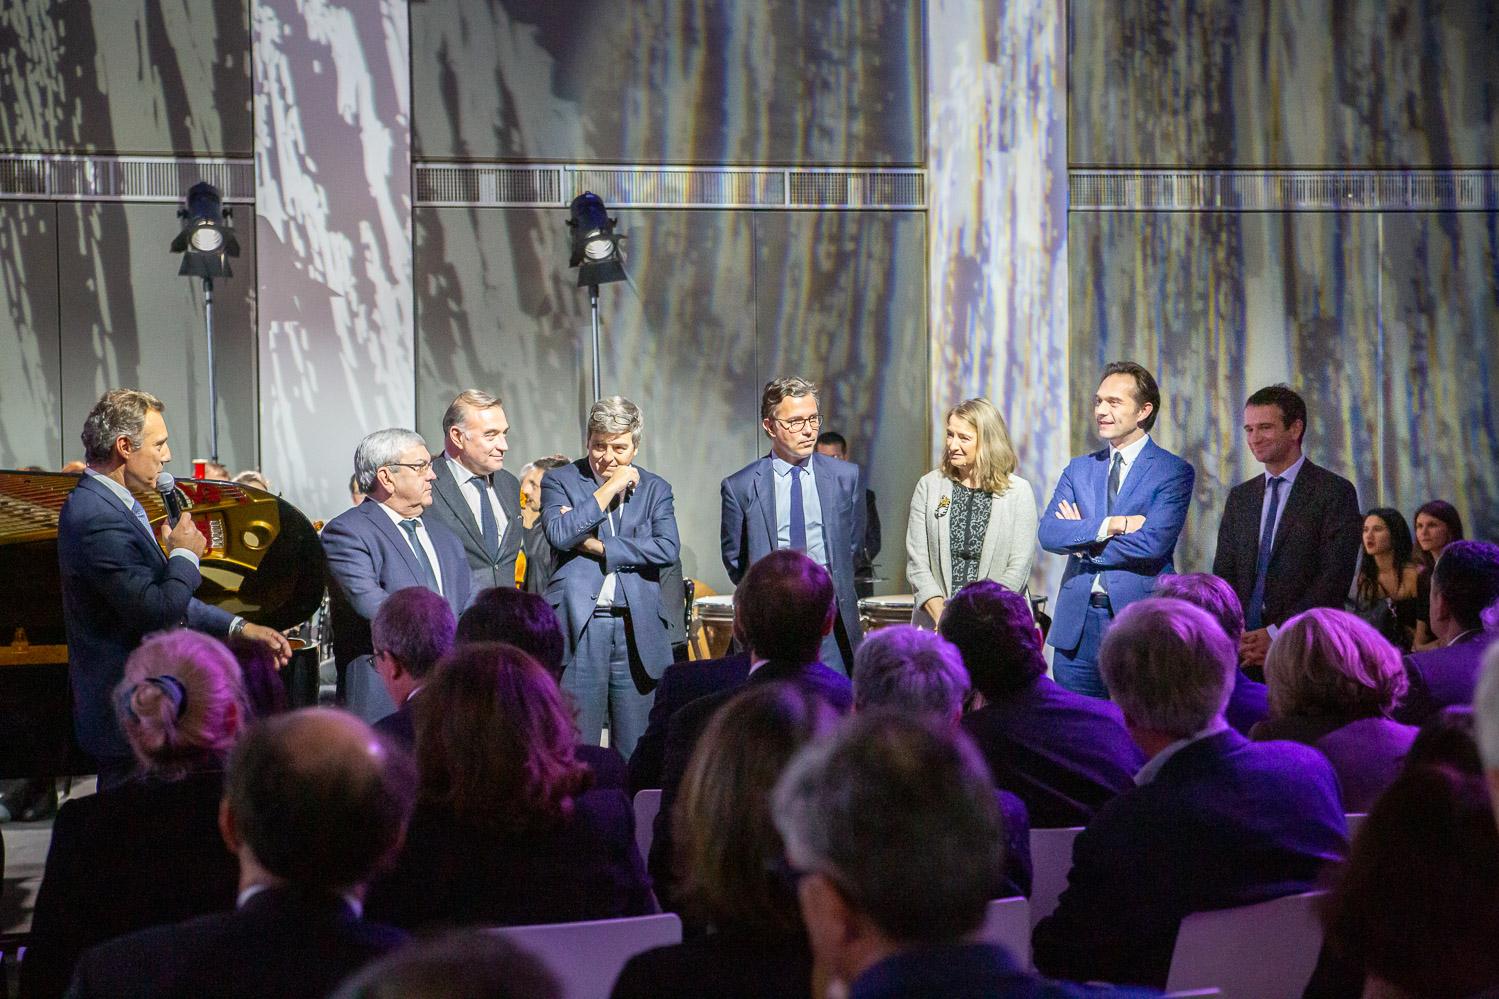 Le Groupe Philippe Hottinguer Fier De S'être Associé à Dôm-Finance Pour Ce Bel événement Musical